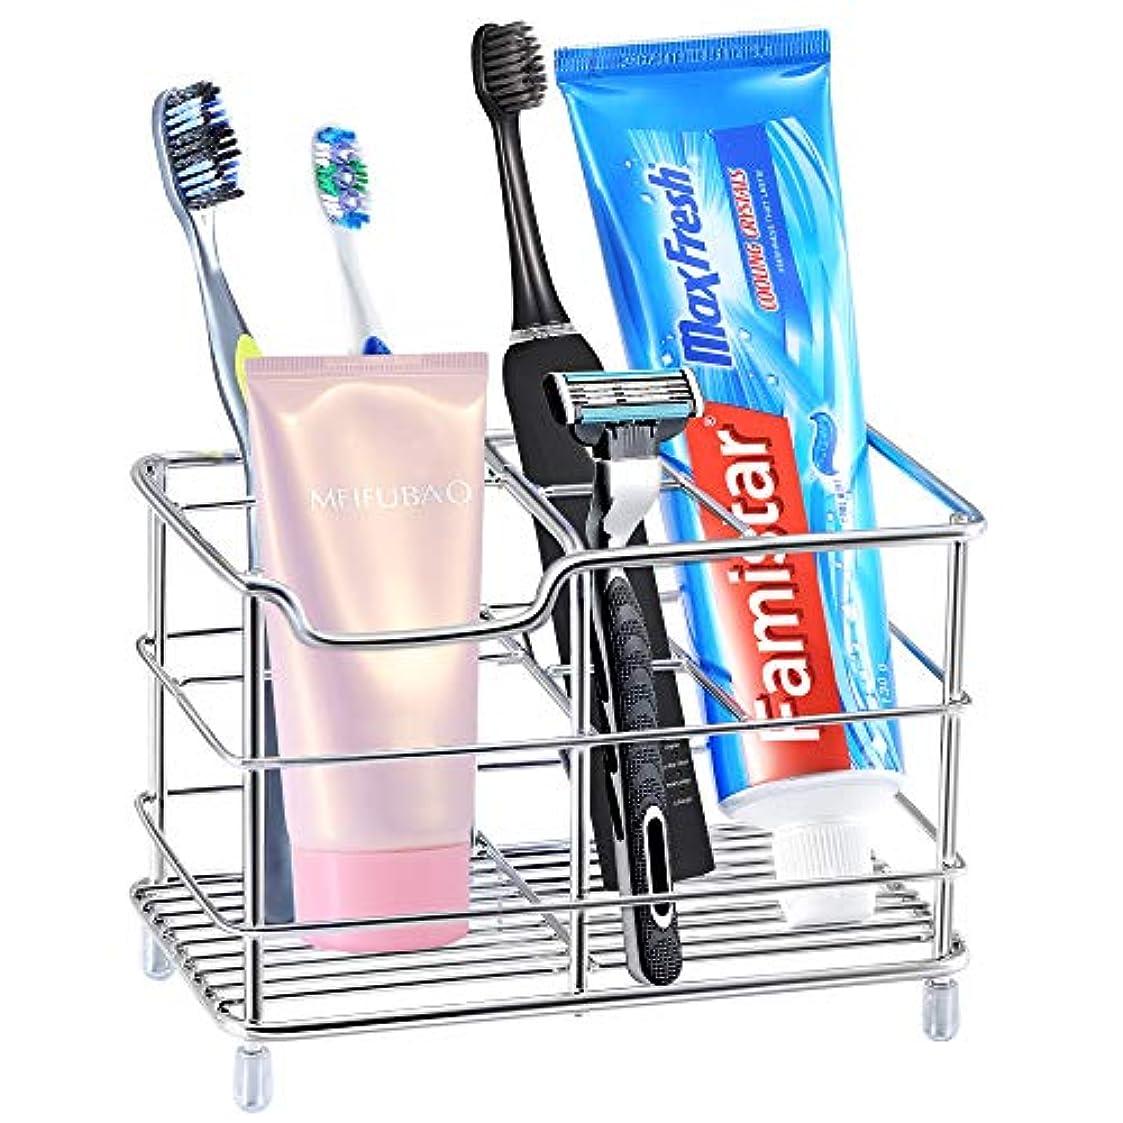 防水引き出す聡明歯ブラシホルダー、famistar XLステンレススチールバスルーム多機能ストレージスタンドfor電動歯ブラシ、歯磨き粉、クレンザー、コーム